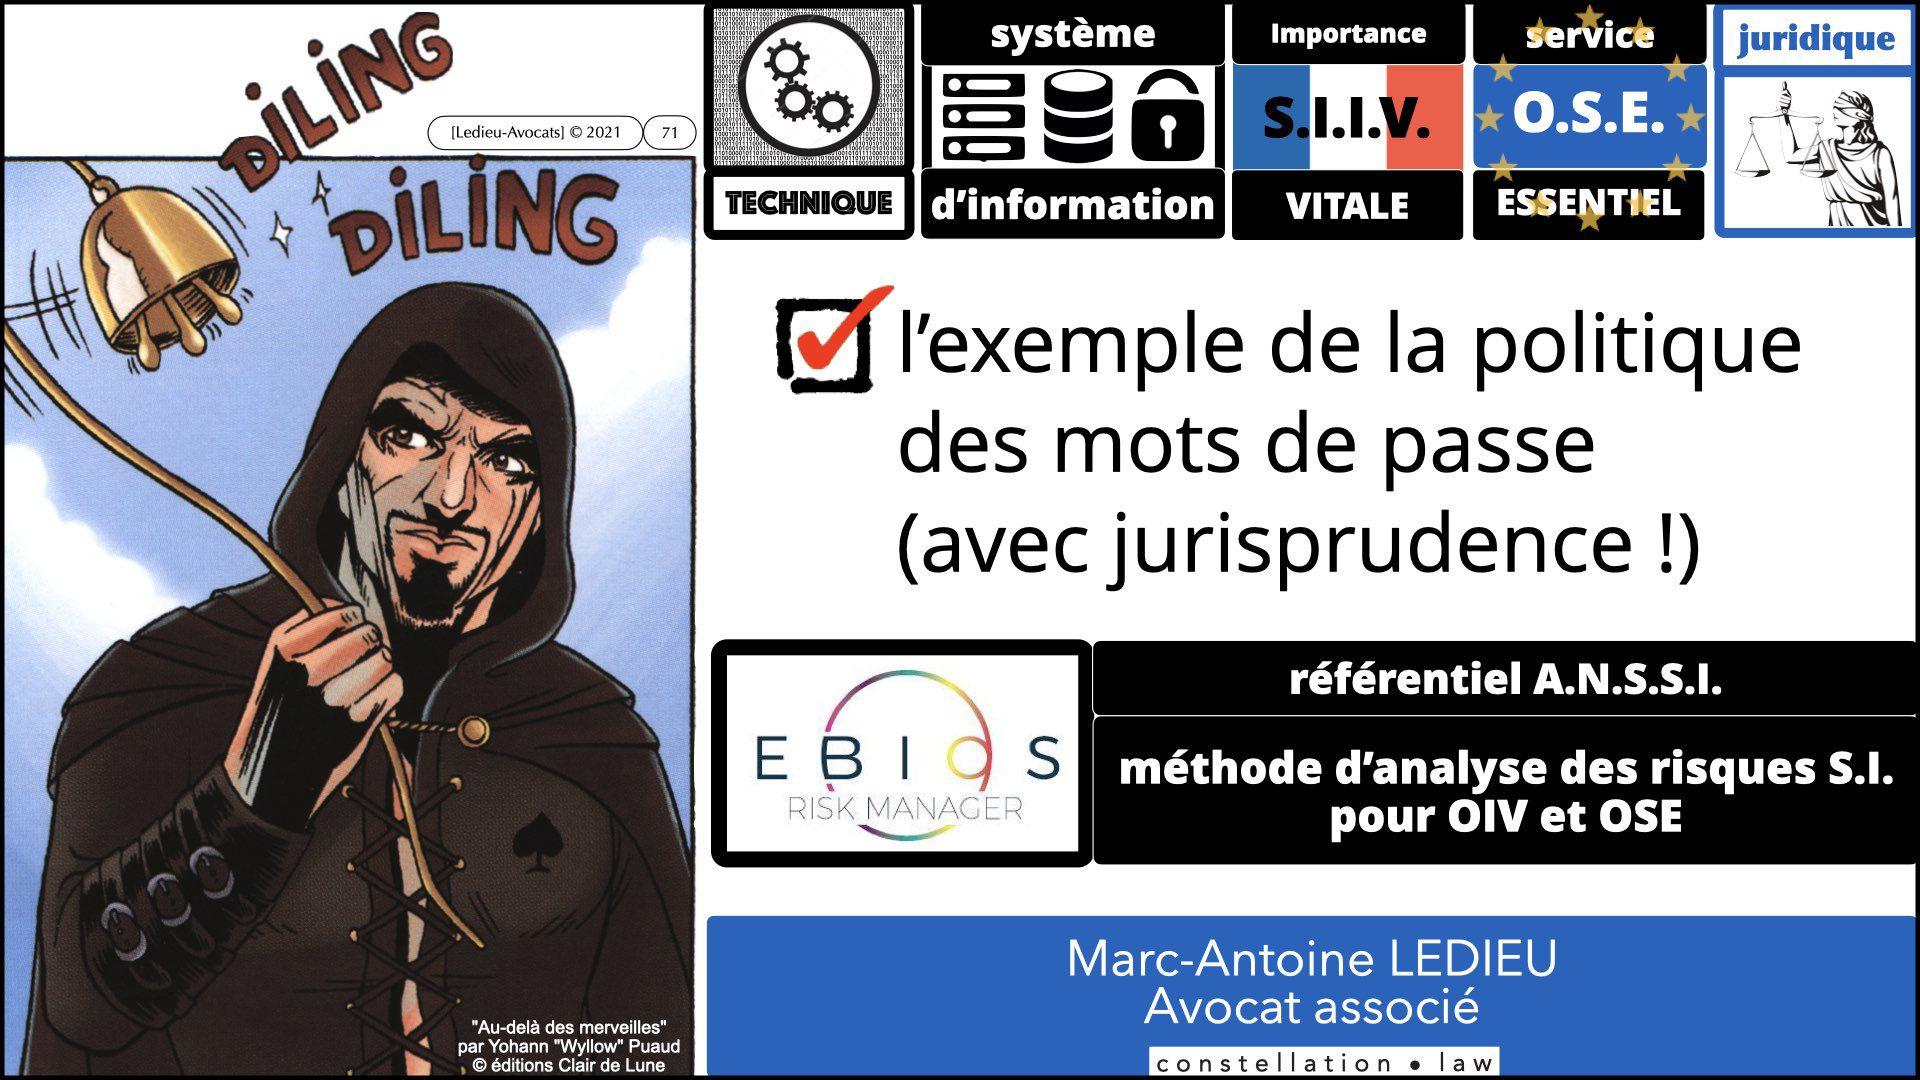 342 droit mot de passe OIV OSE ANALYSE de RISQUE EBIOS RM © Ledieu-Avocats technique droit numérique 05-09-2021.001